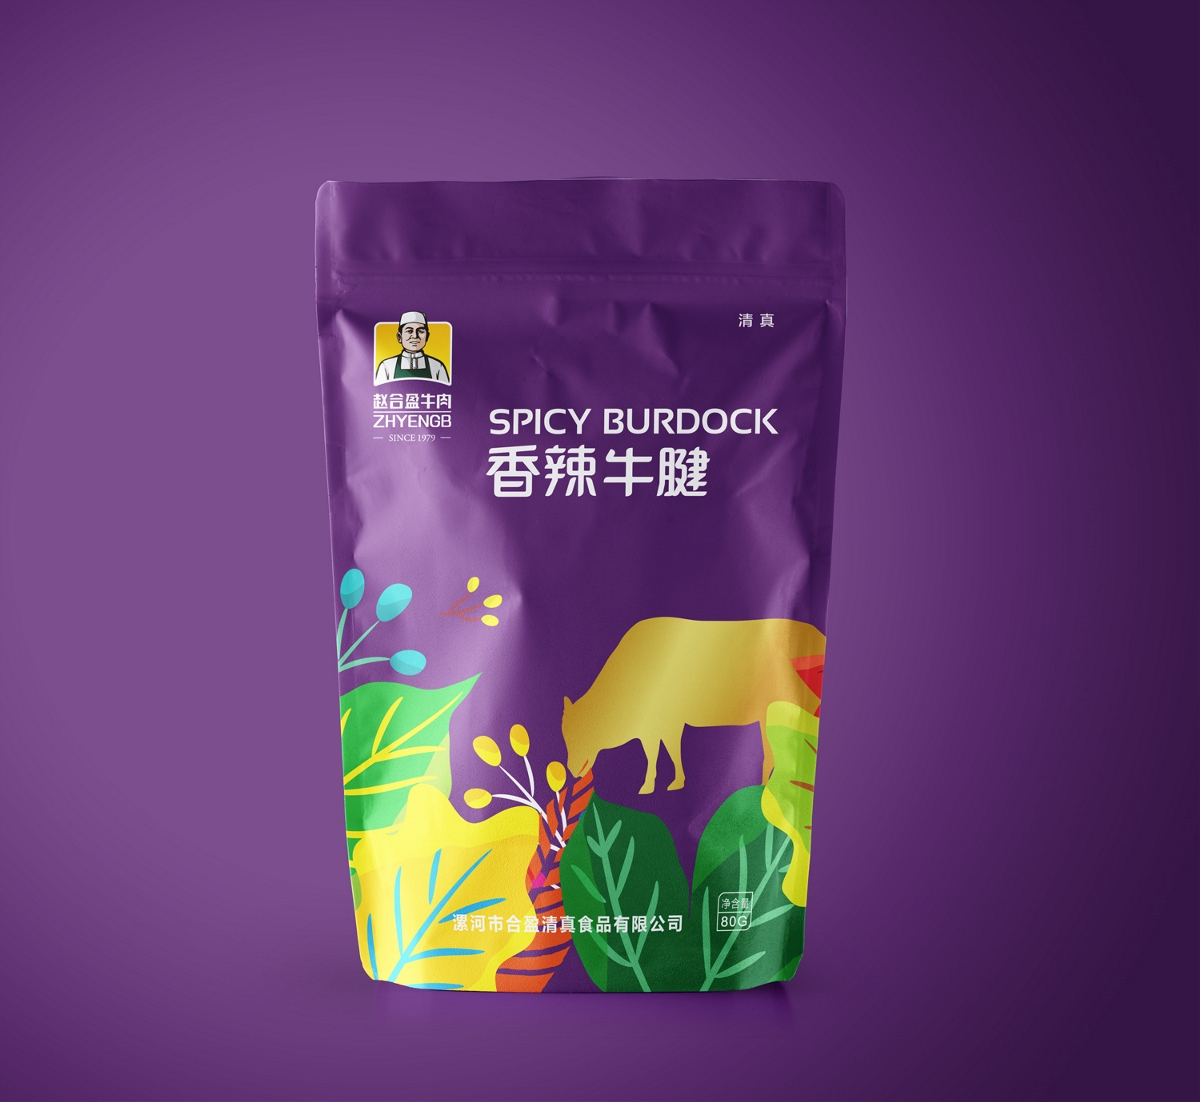 云顶创意案例:赵合盈 休闲系列牛肉包装设计